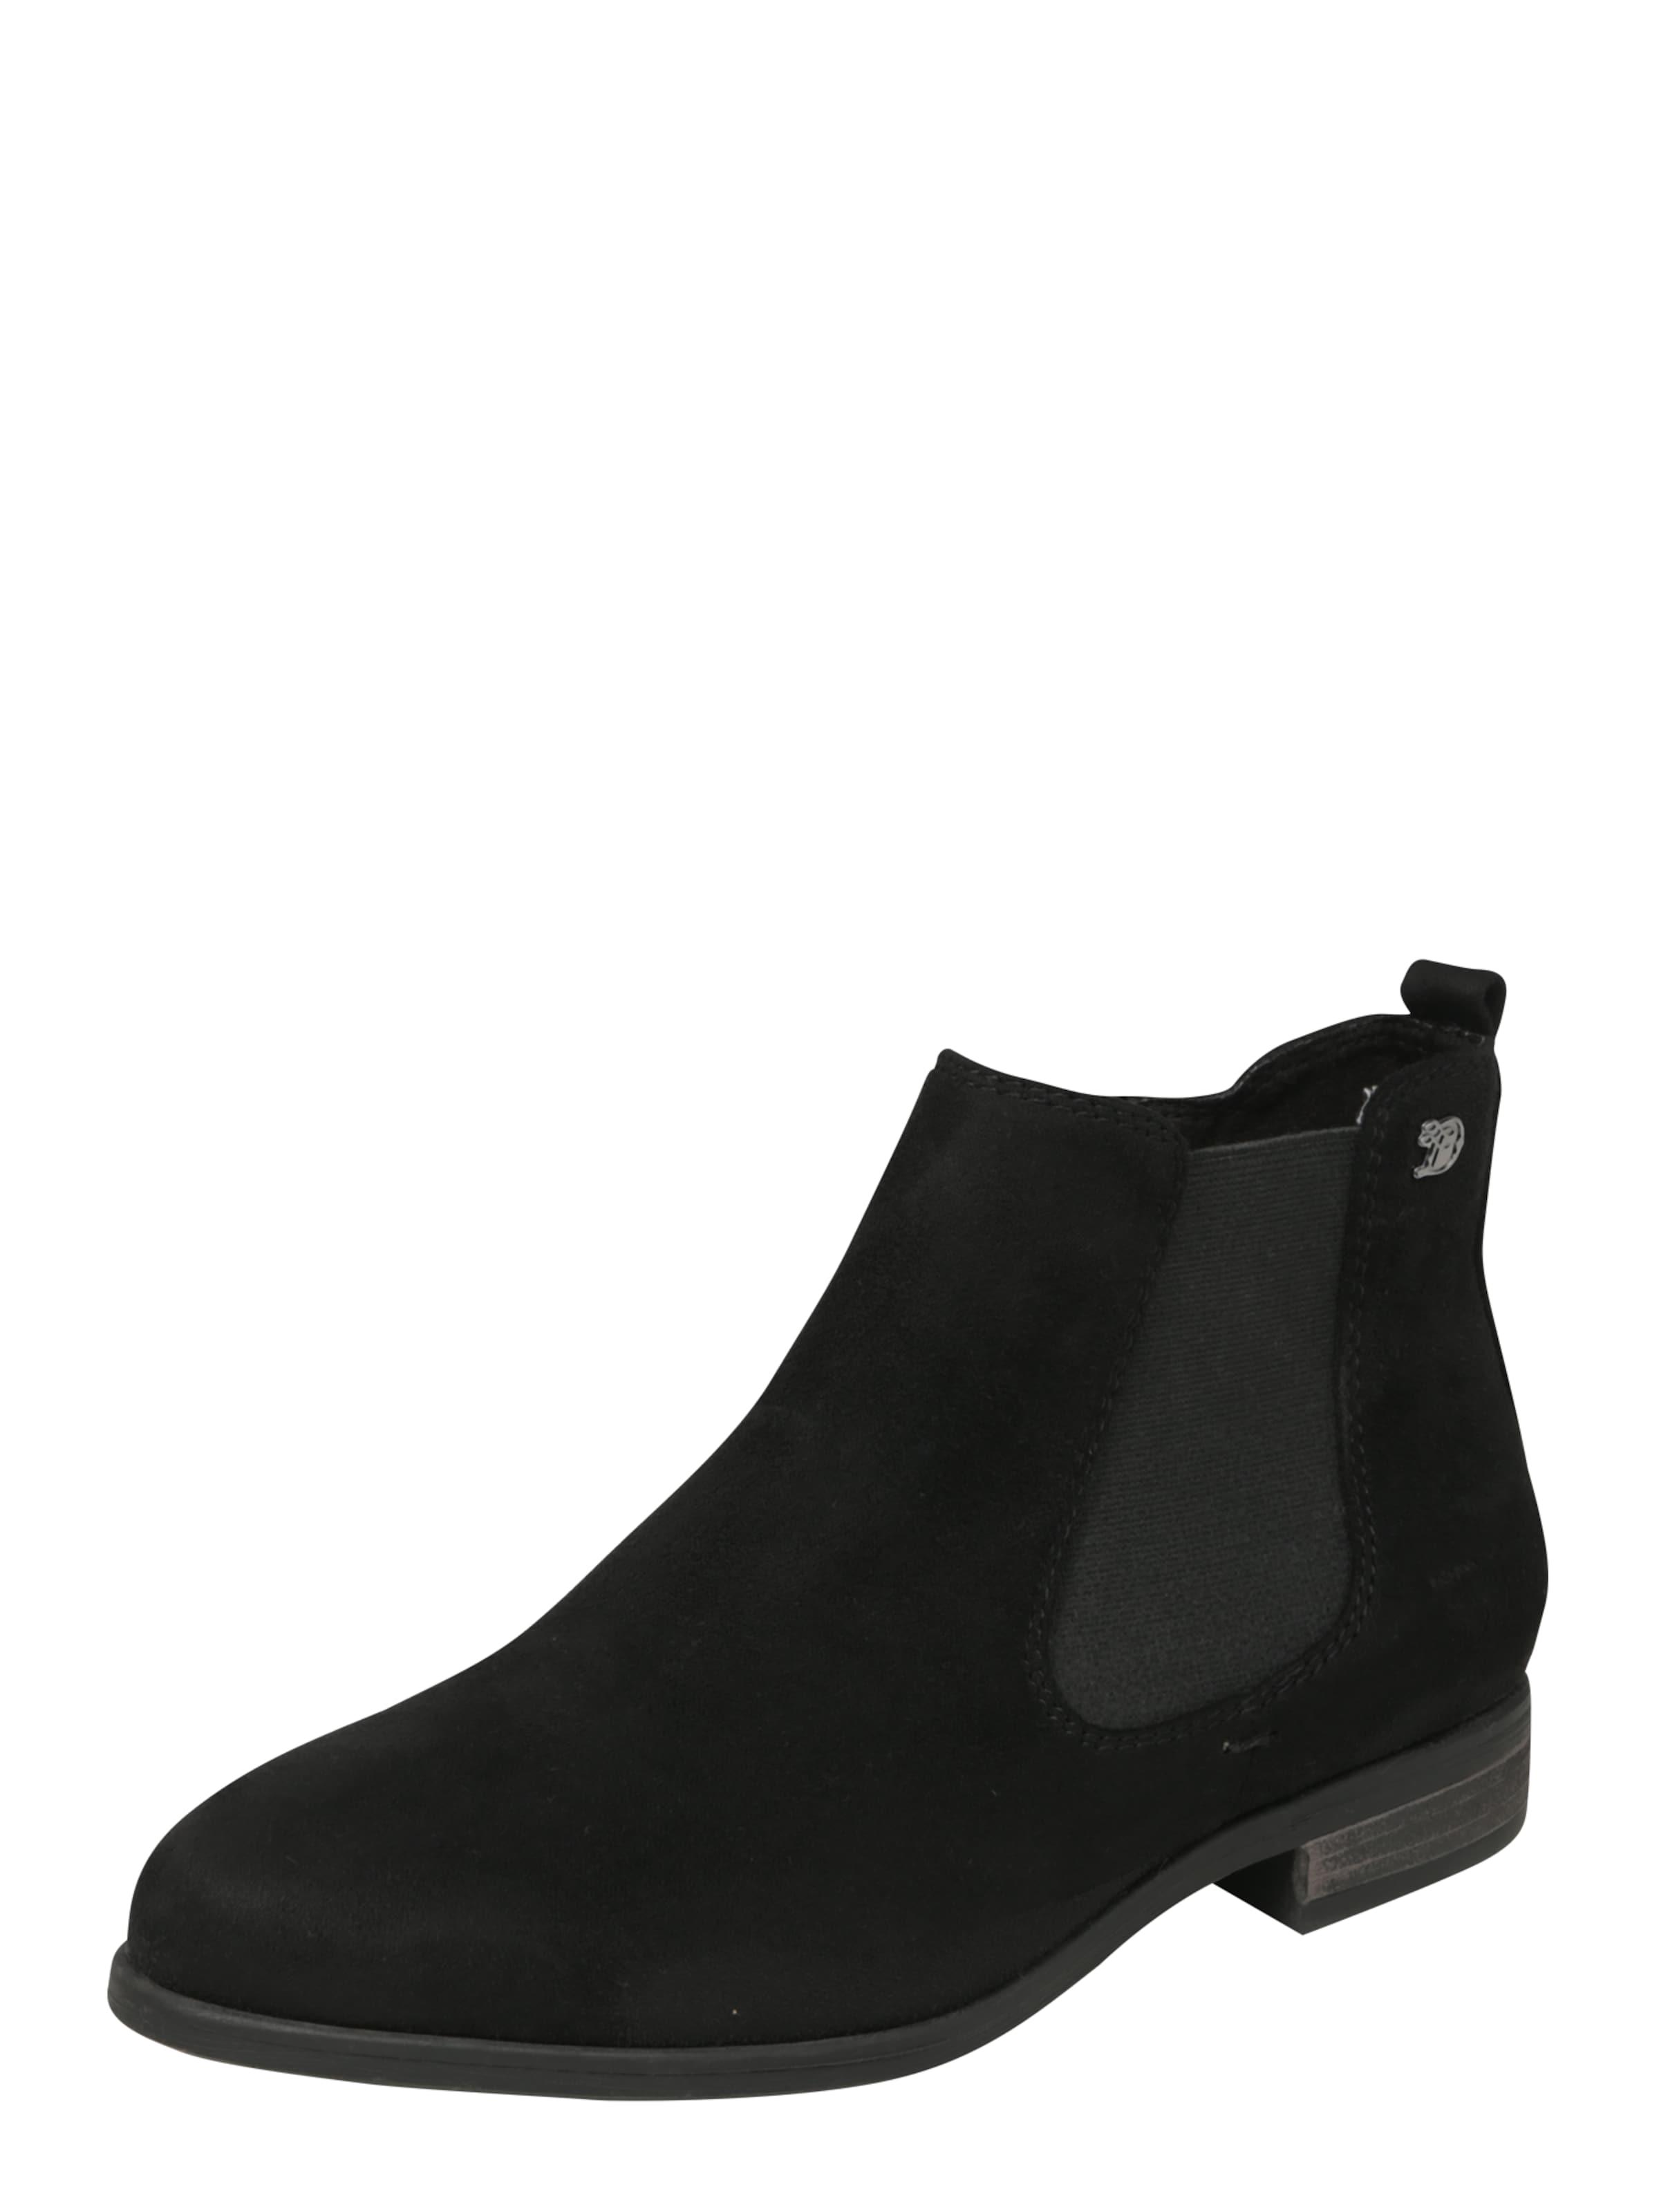 TOM TAILOR Chelsea-Stiefelette Verschleißfeste billige Schuhe